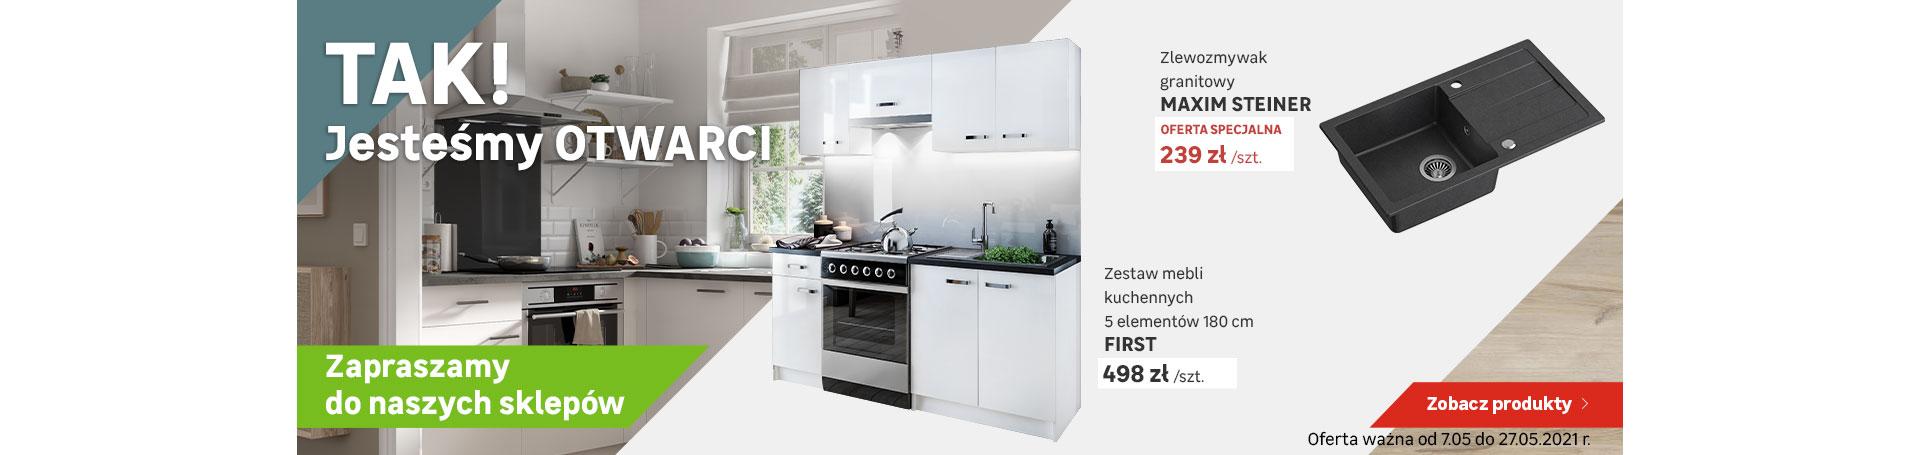 rr-kuchnia-7-15.05.2021-1920x455